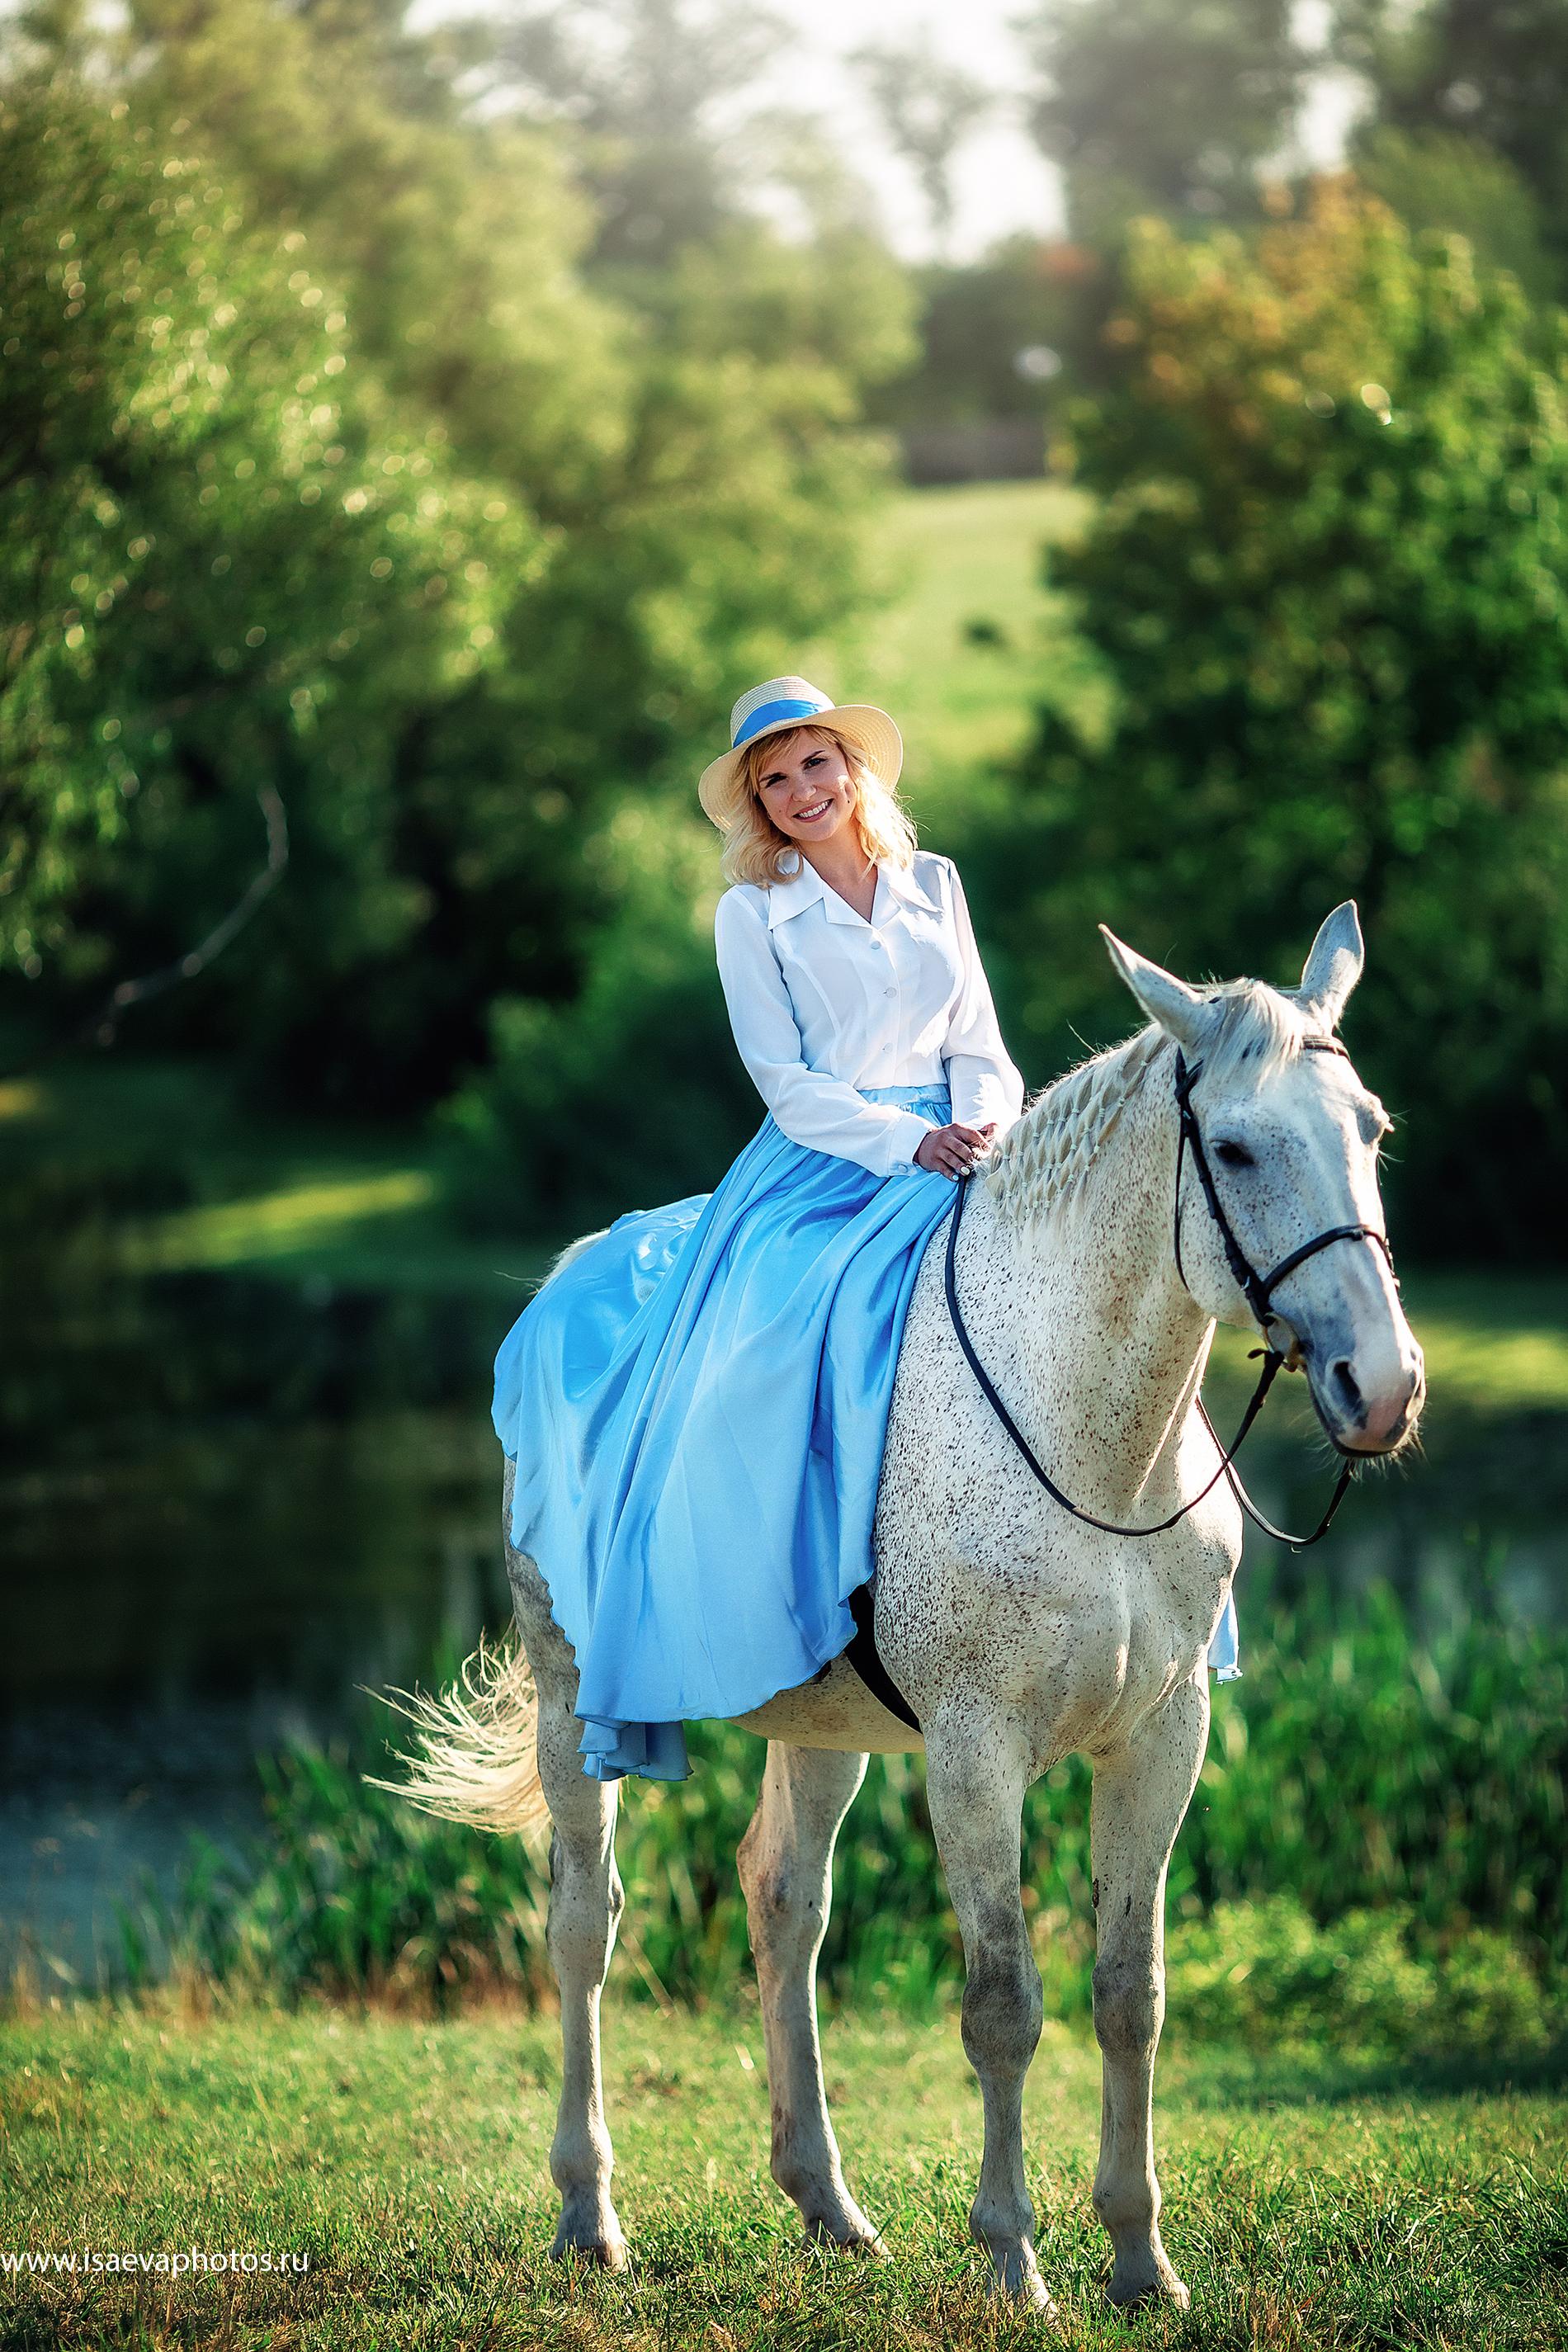 Кадр из фотосессии посетительницы музея с лошадьми в «Тарханах»